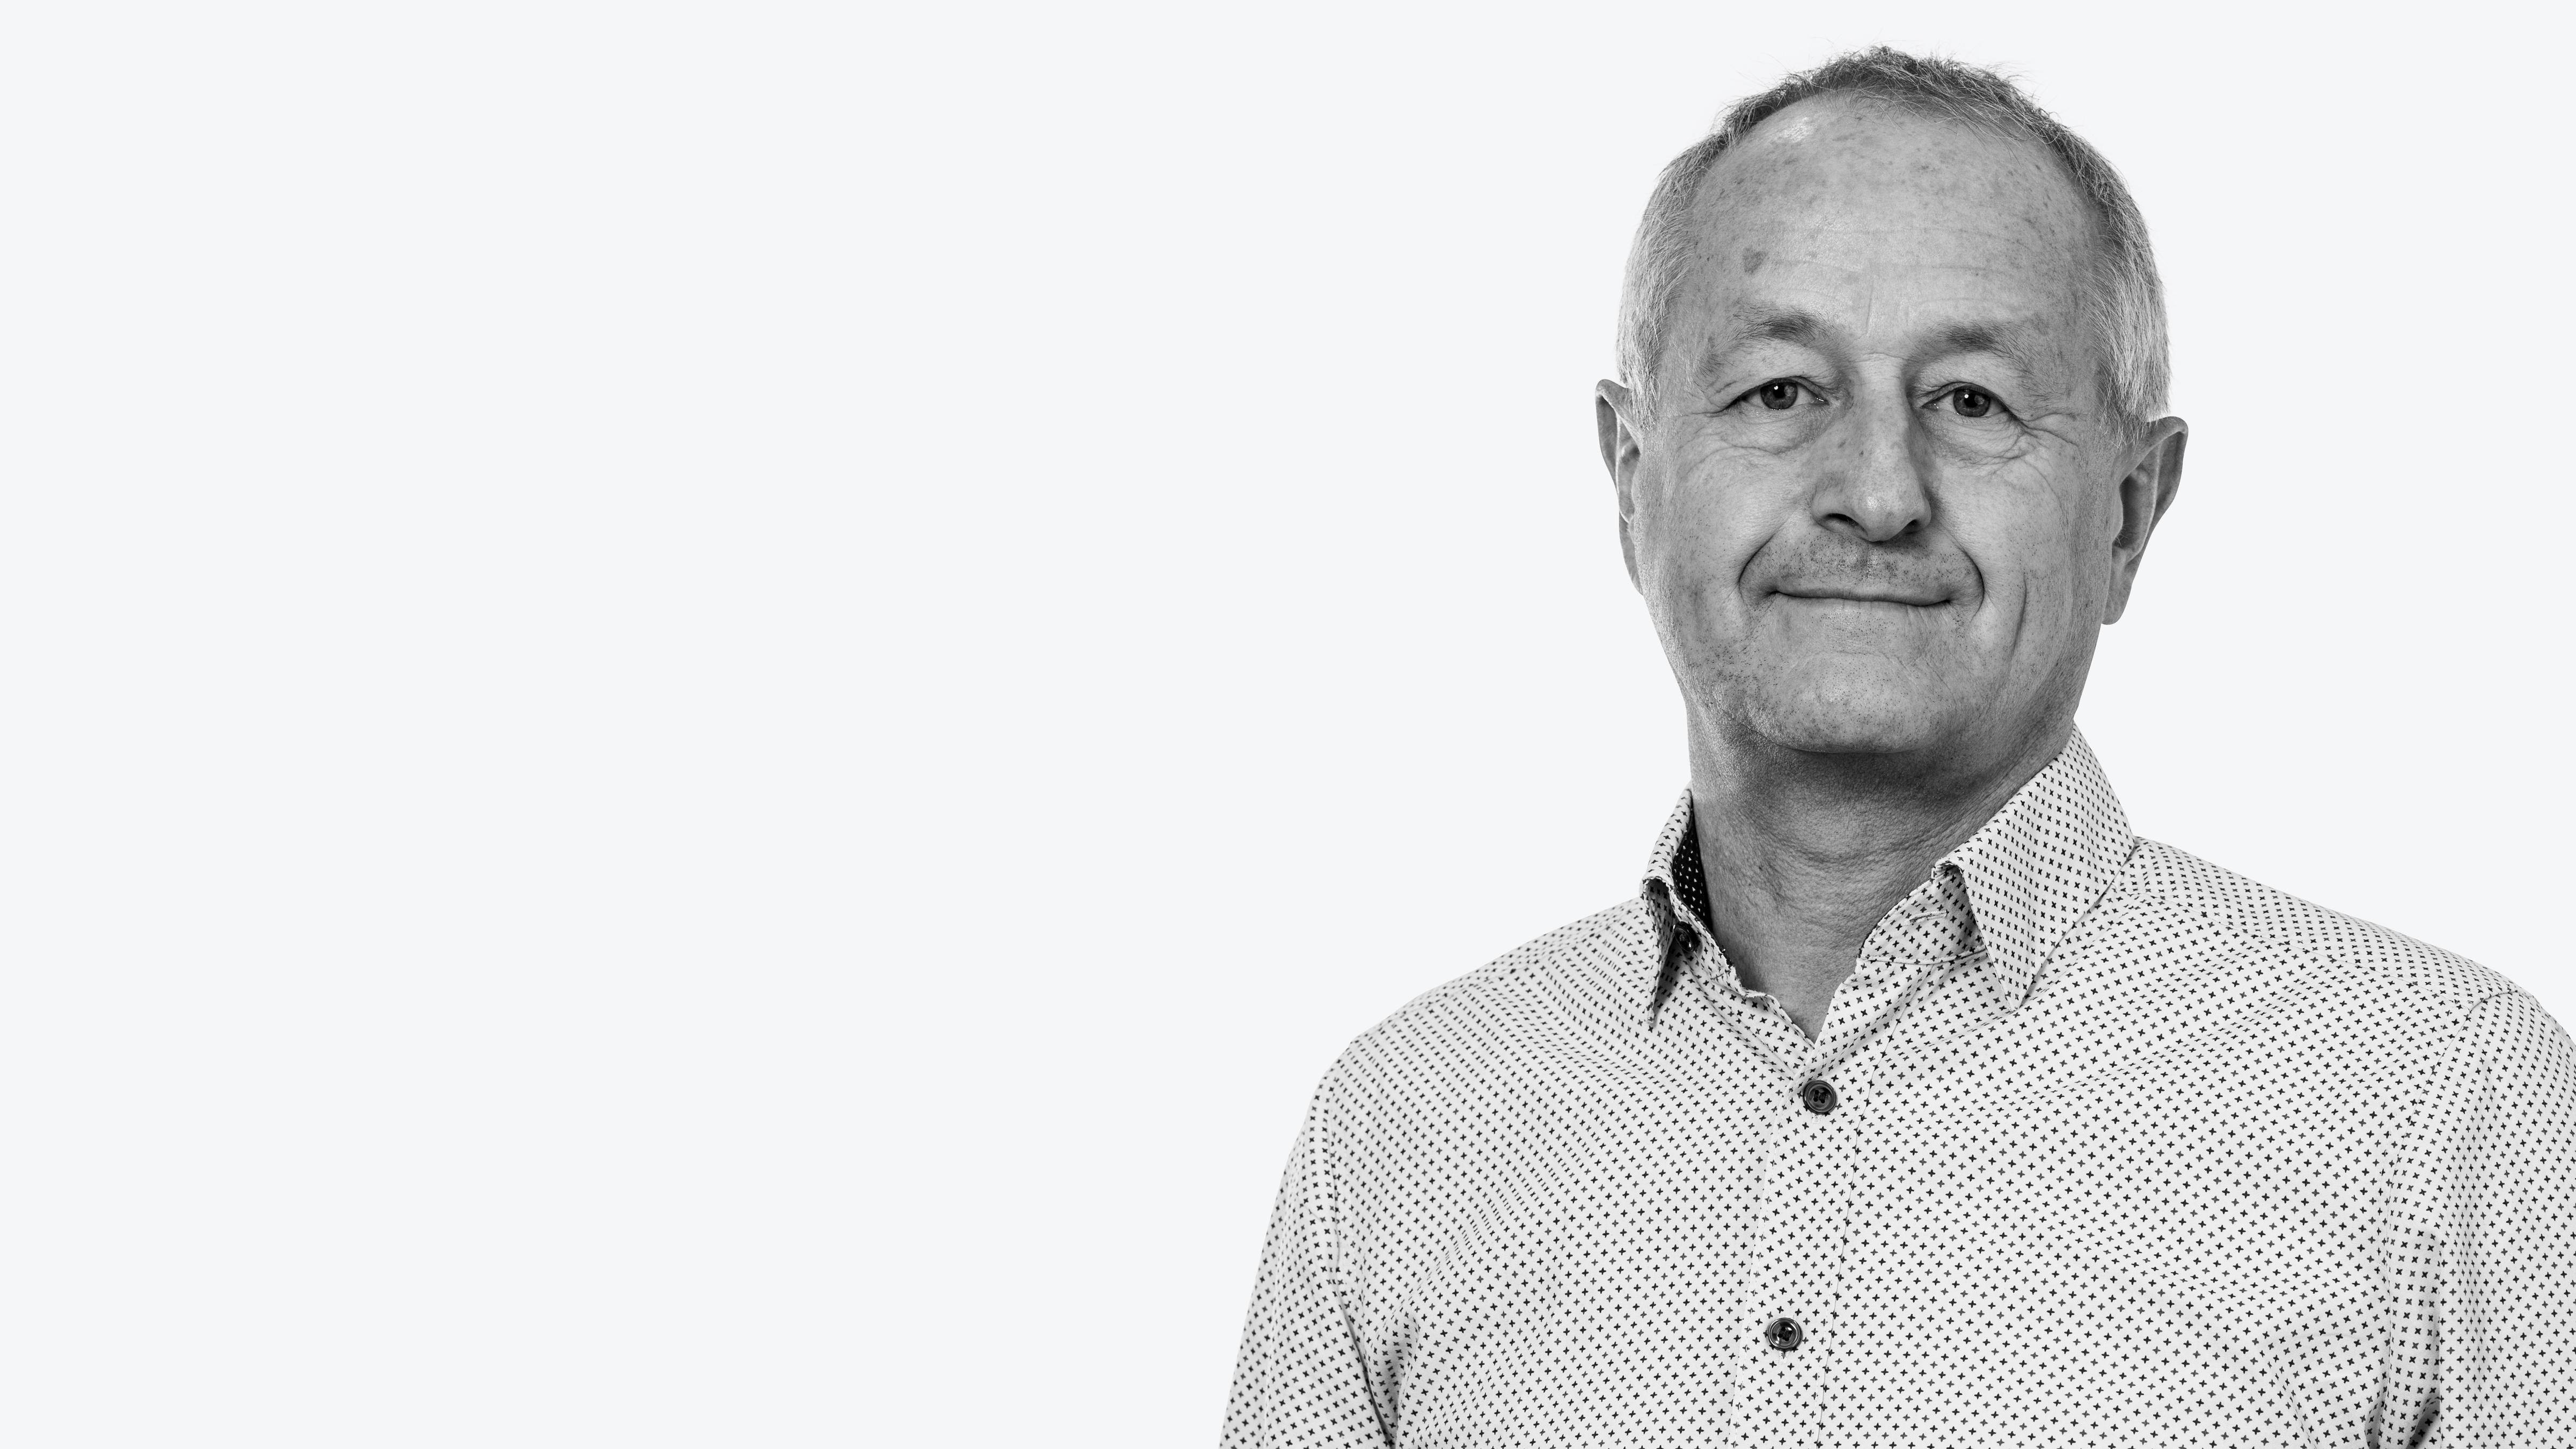 Peter Maegdefrau is the CFO of xuuluux